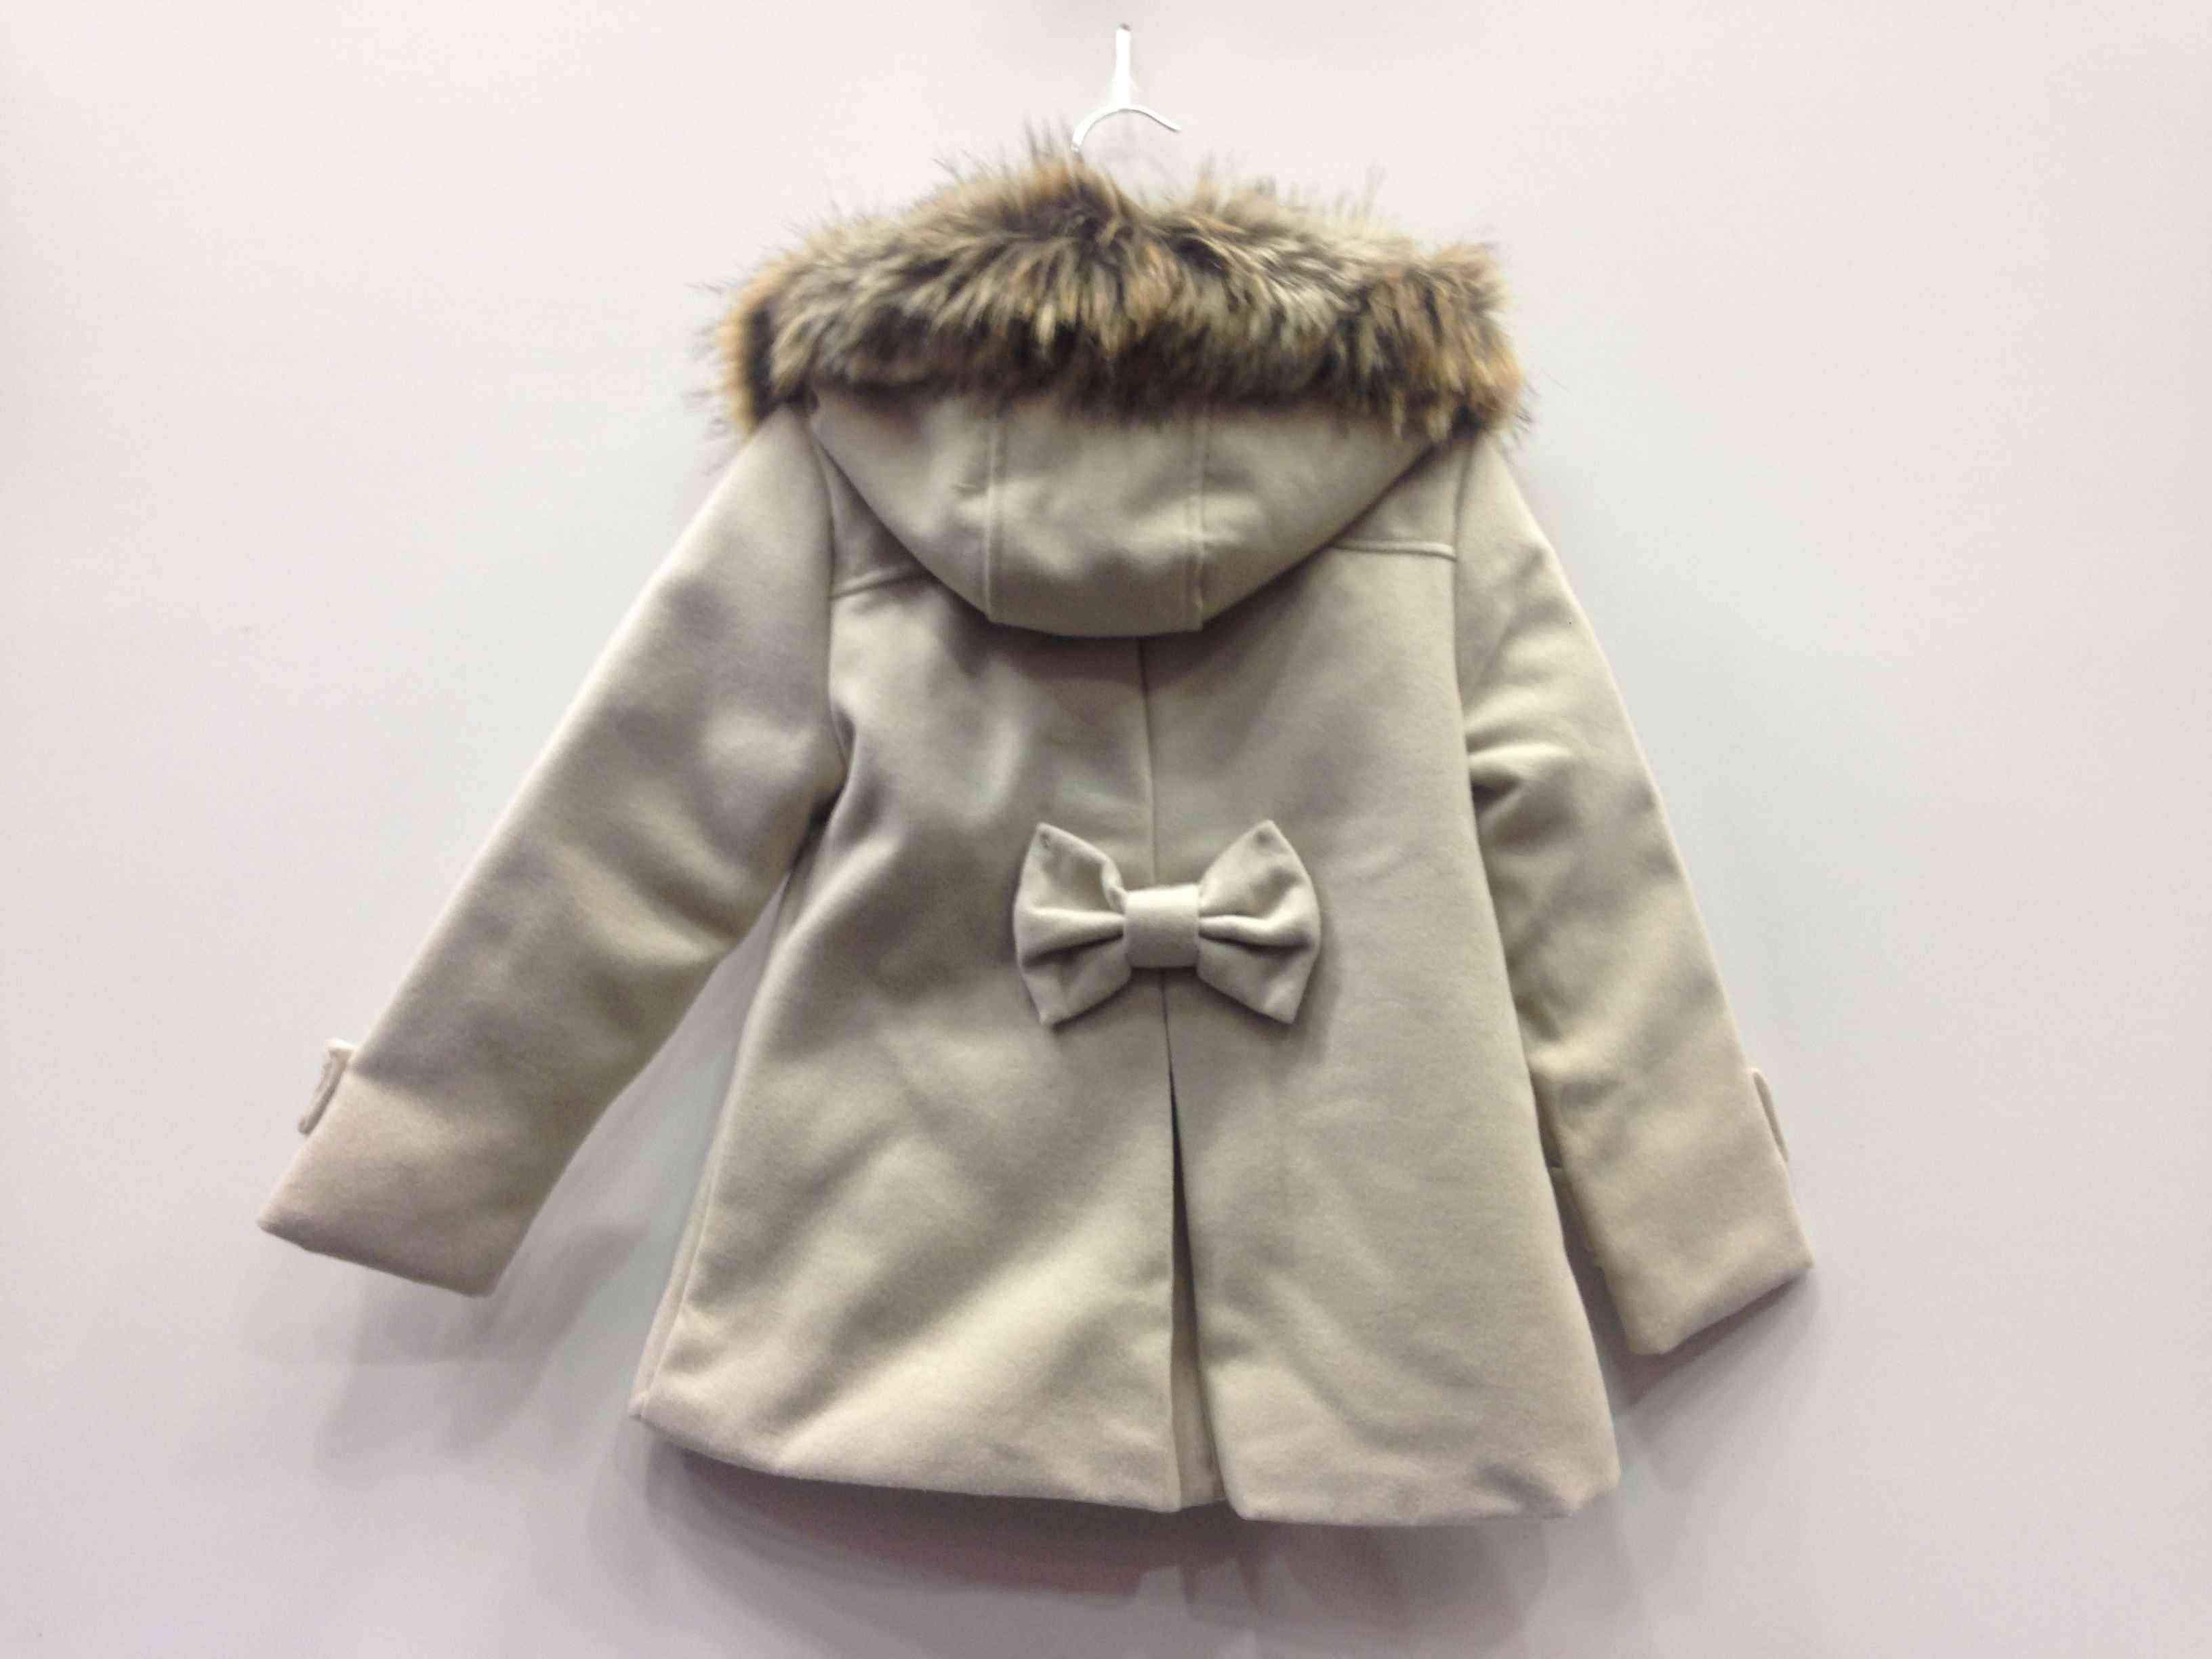 Παλτό με εσωτερική επένδυση γούνας και στην κουκούλα  438a5a6d61a